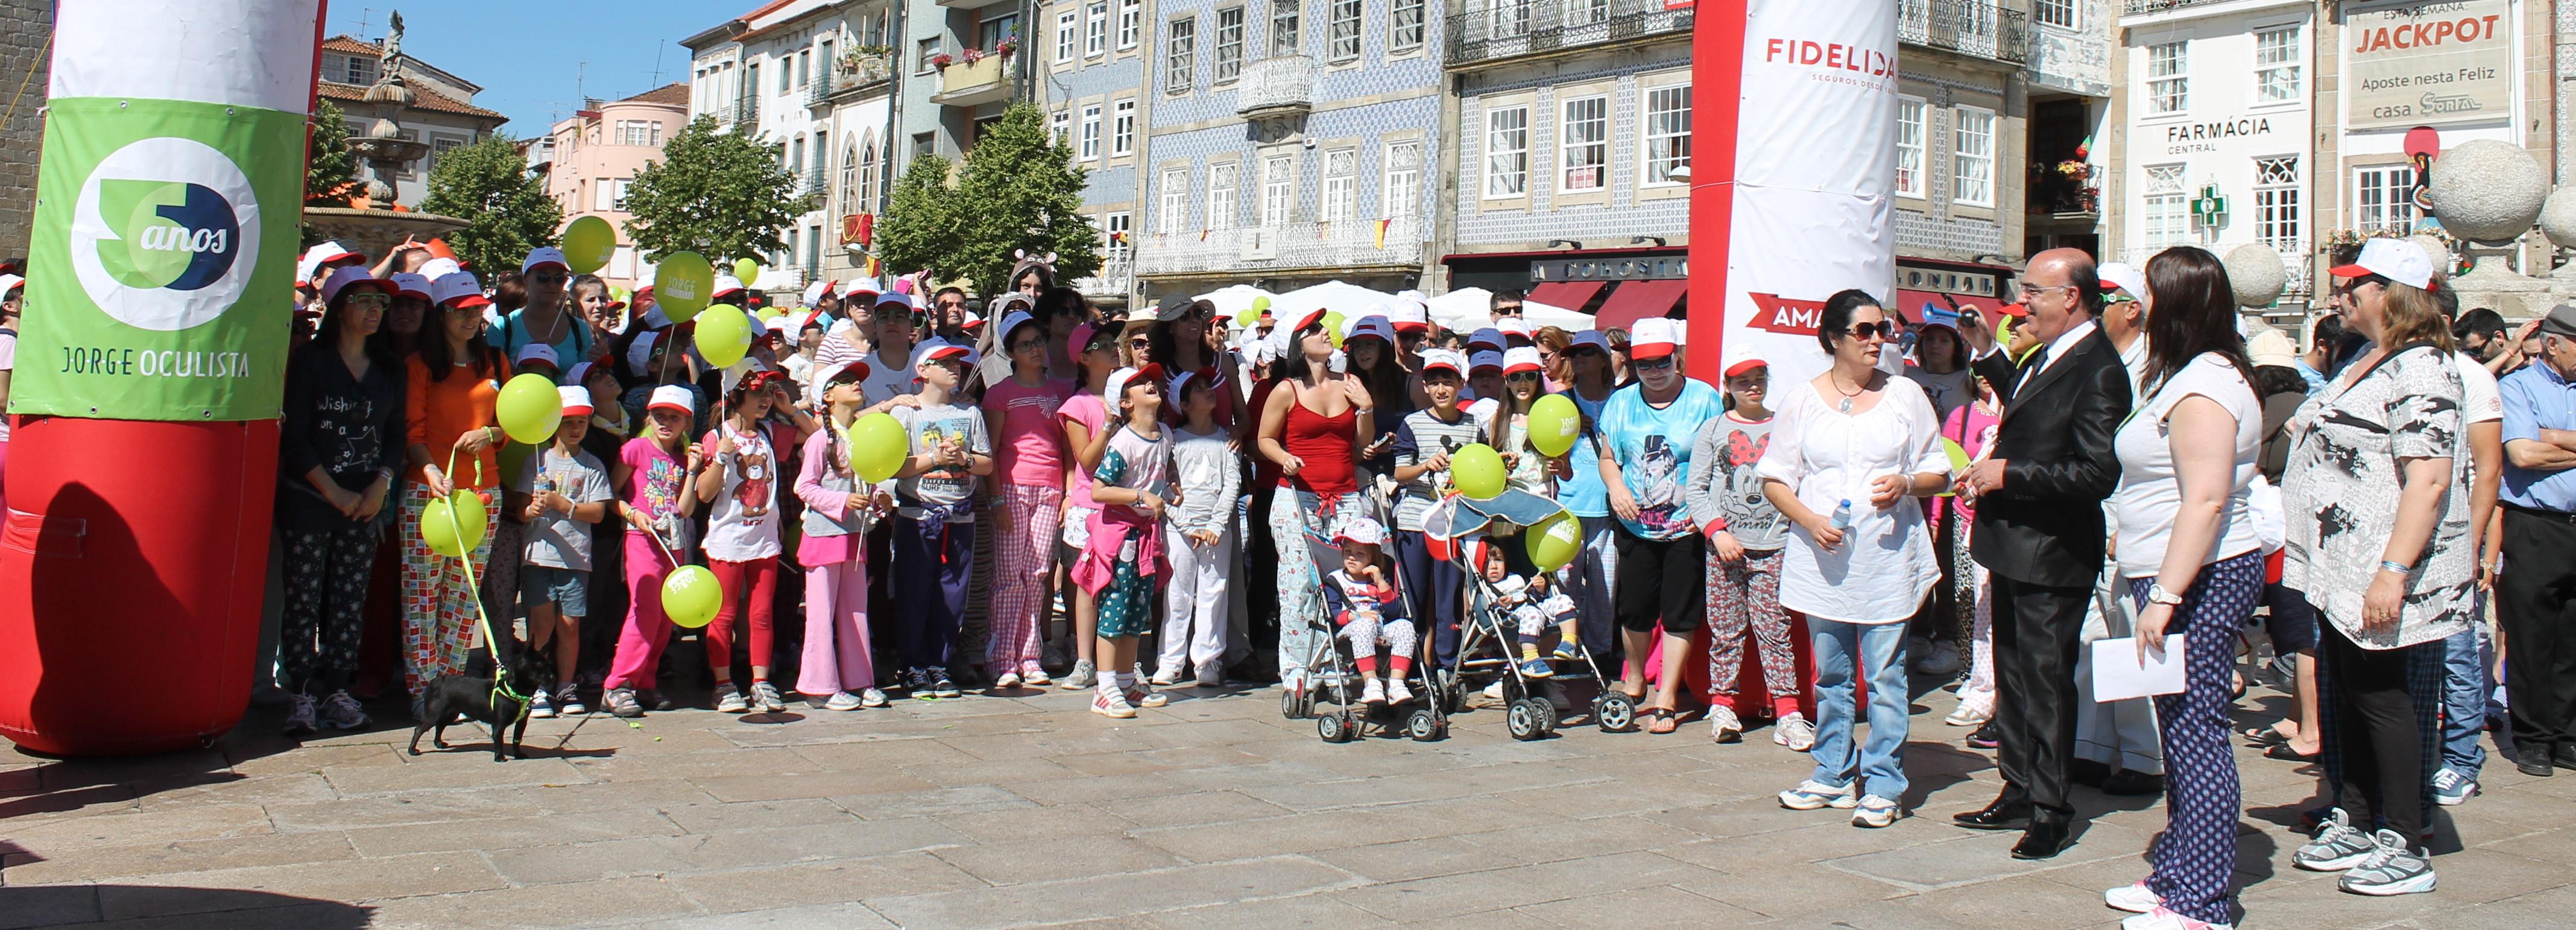 Caminhada do Pijama juntou mais de 1800 pessoas em Barcelos